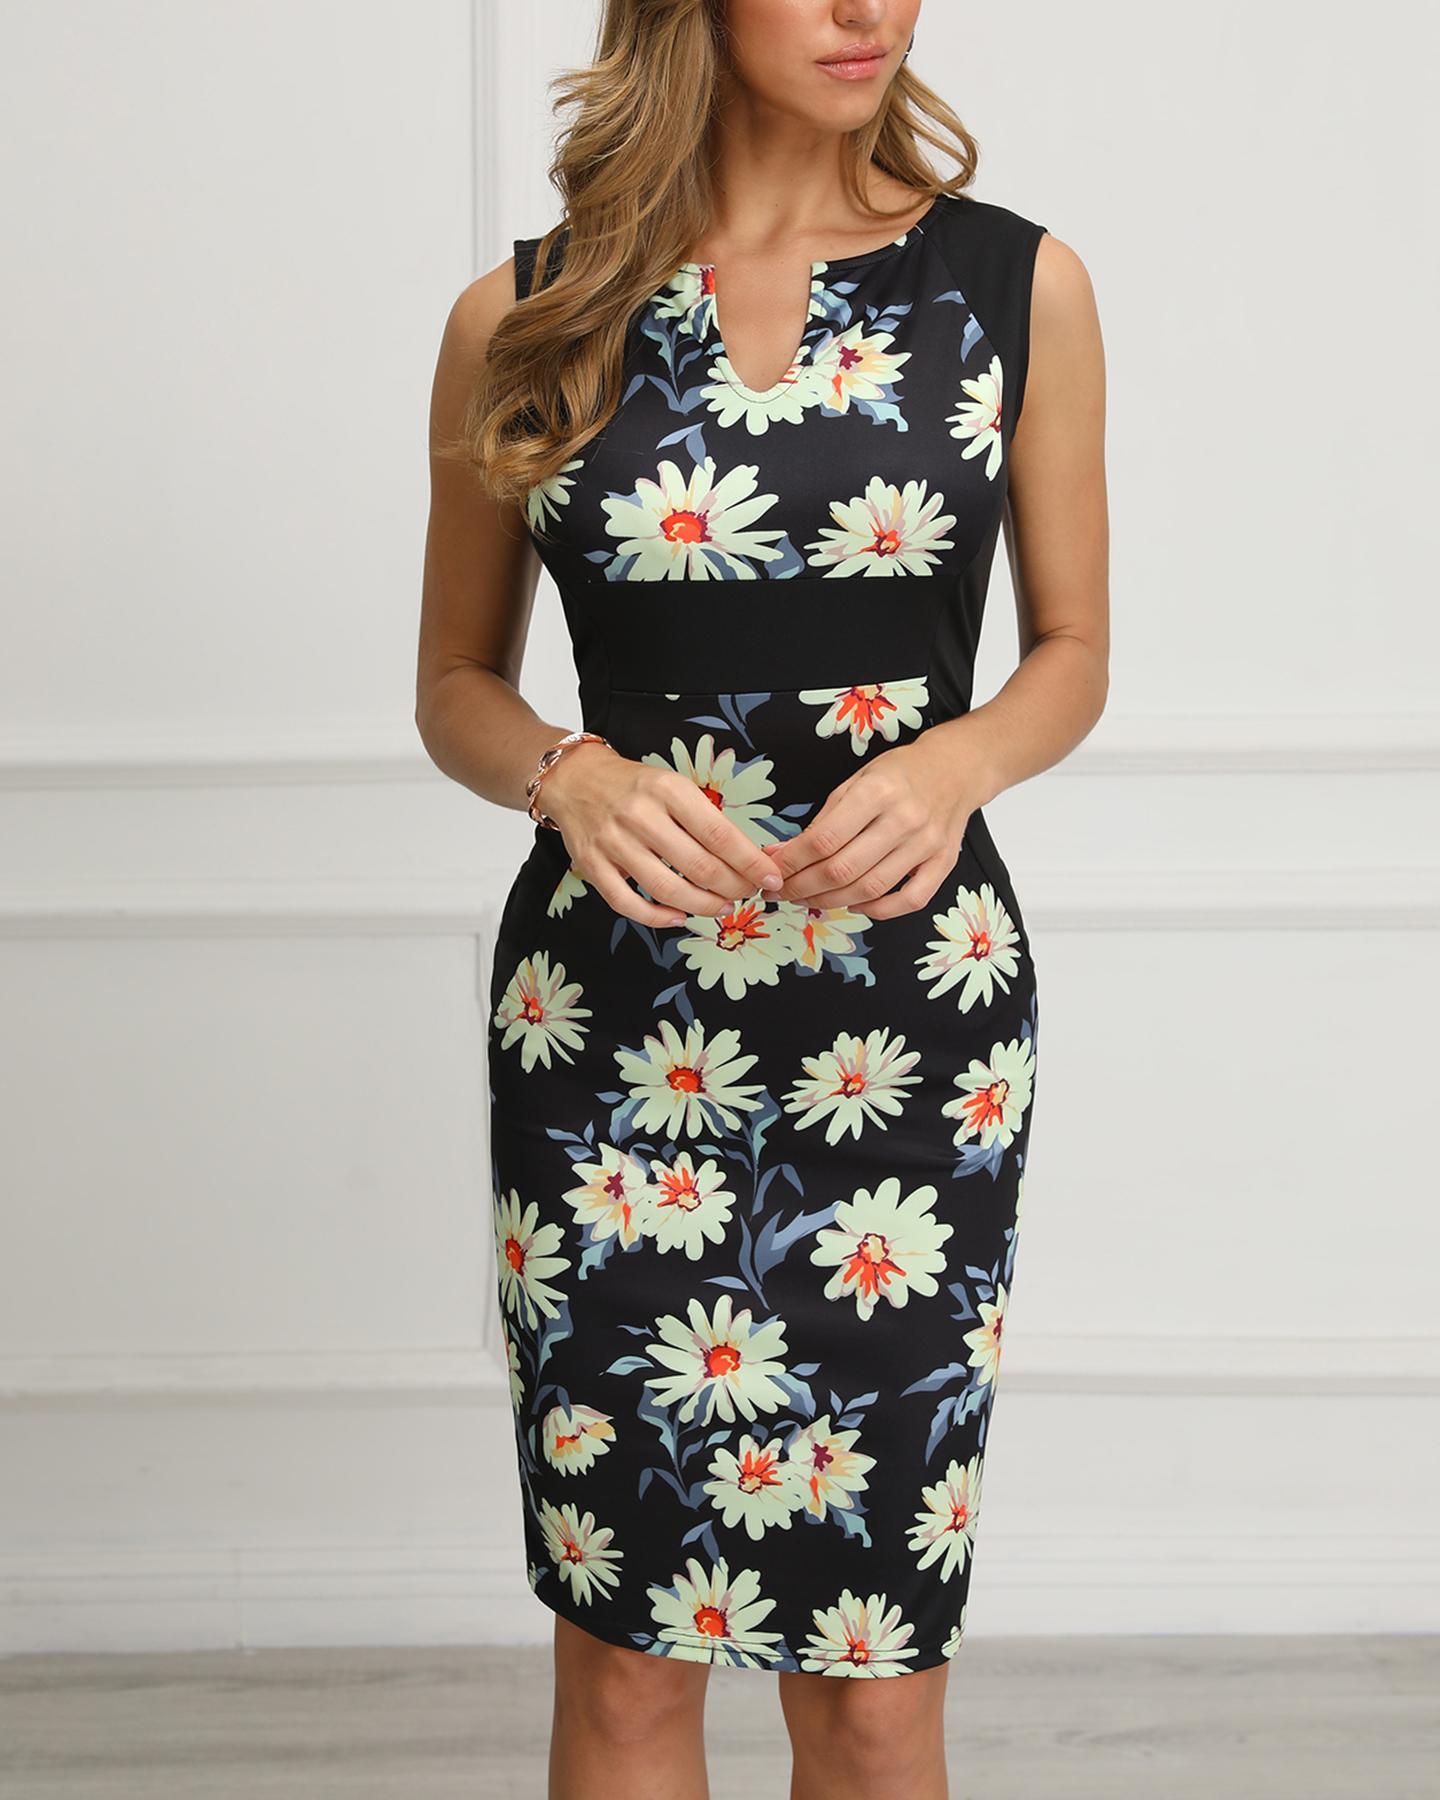 boutiquefeel / Daisy Imprimir Inserir V-Cut Bodycon Dress